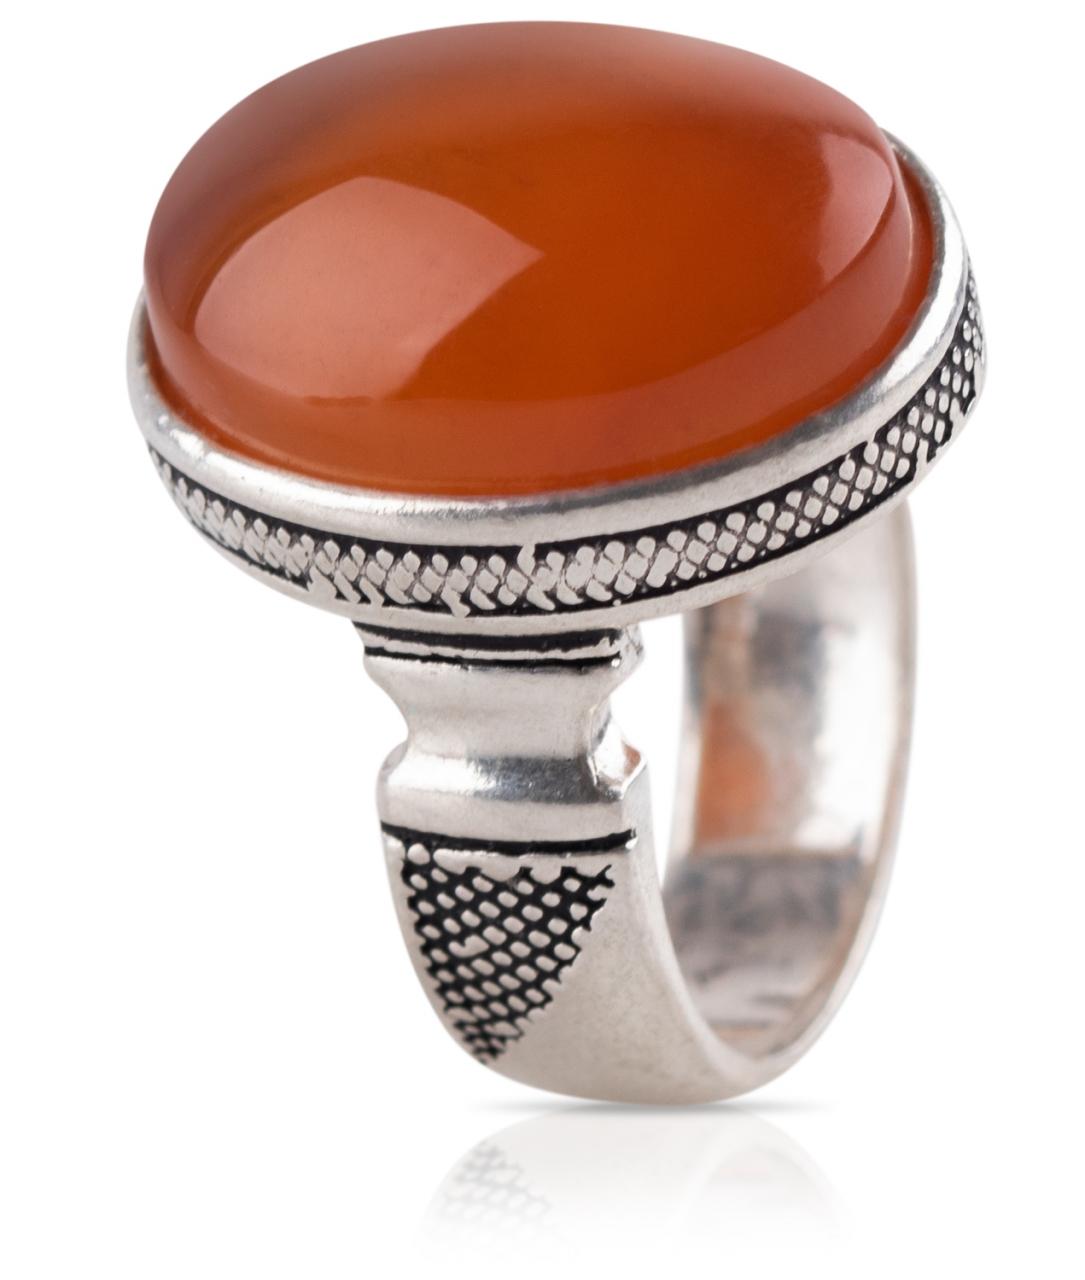 Herren Aqiq Rot / Orange rund Größe 55 - Silberring Fassung graviert - RE14